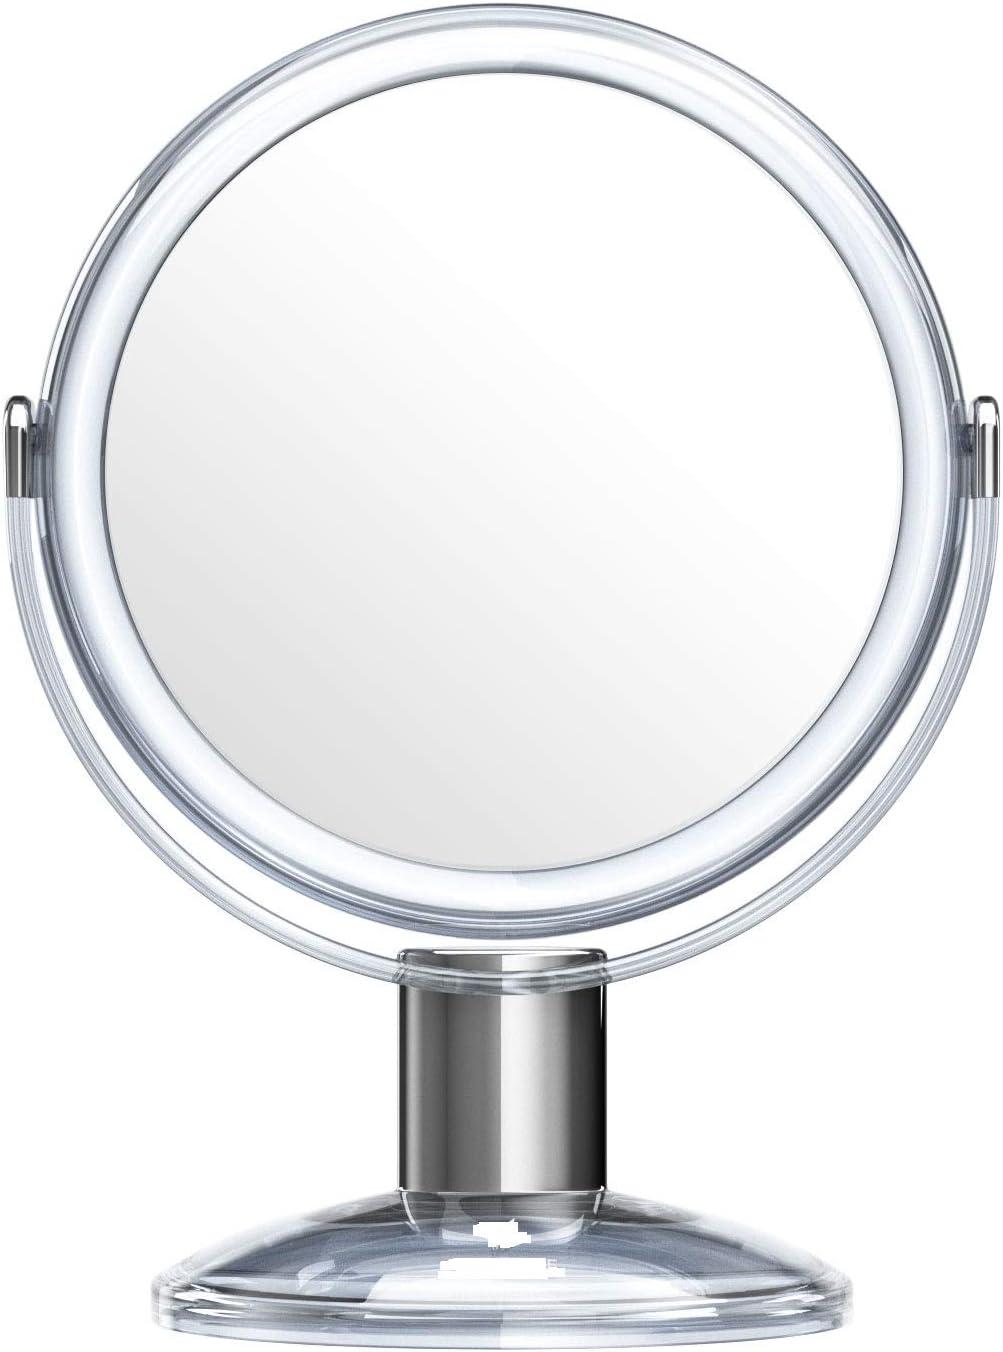 Beautifive Schminkspiegel Kosmetikspiegel Spiegel Kosmetik Vergr/ö/ßerungsspiegel mit 1x 7X Vergr/ö/ßerung 360/°Drehbar Tischspiegel f/ür Make Up Silber